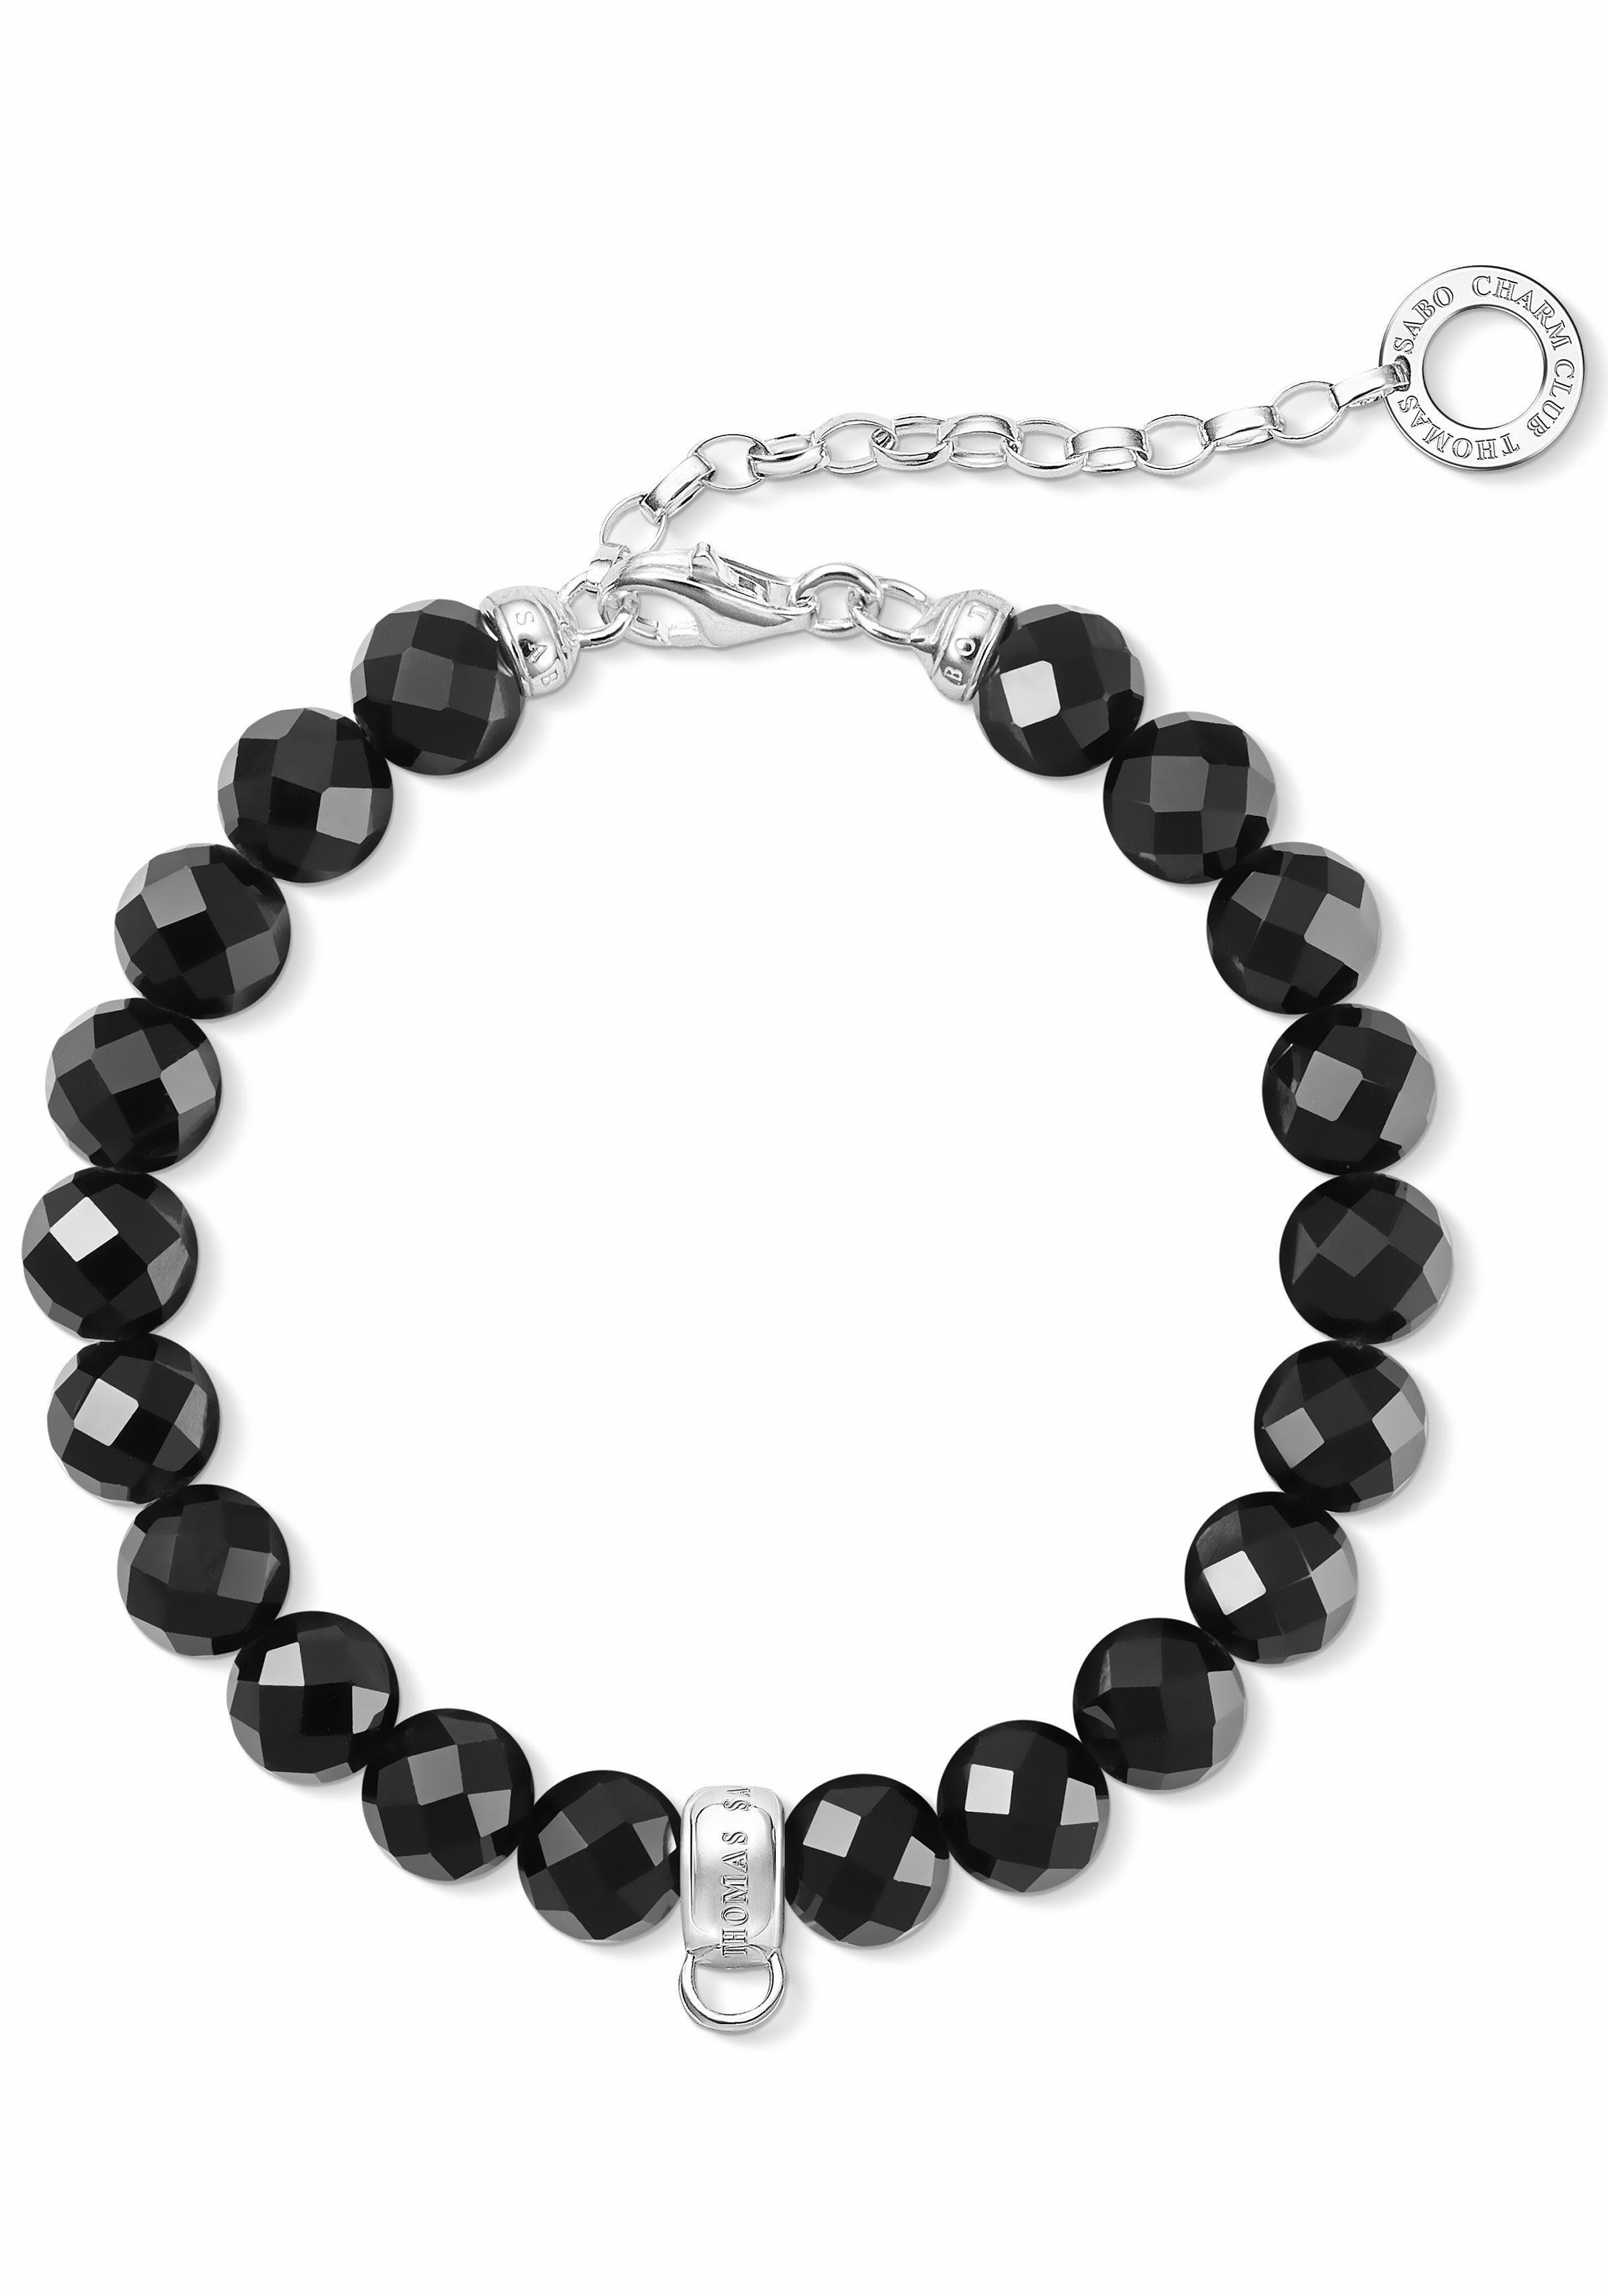 THOMAS SABO Charm-Armband »Schwarz, X0226-840-11-L18,5v« mit Obsidian